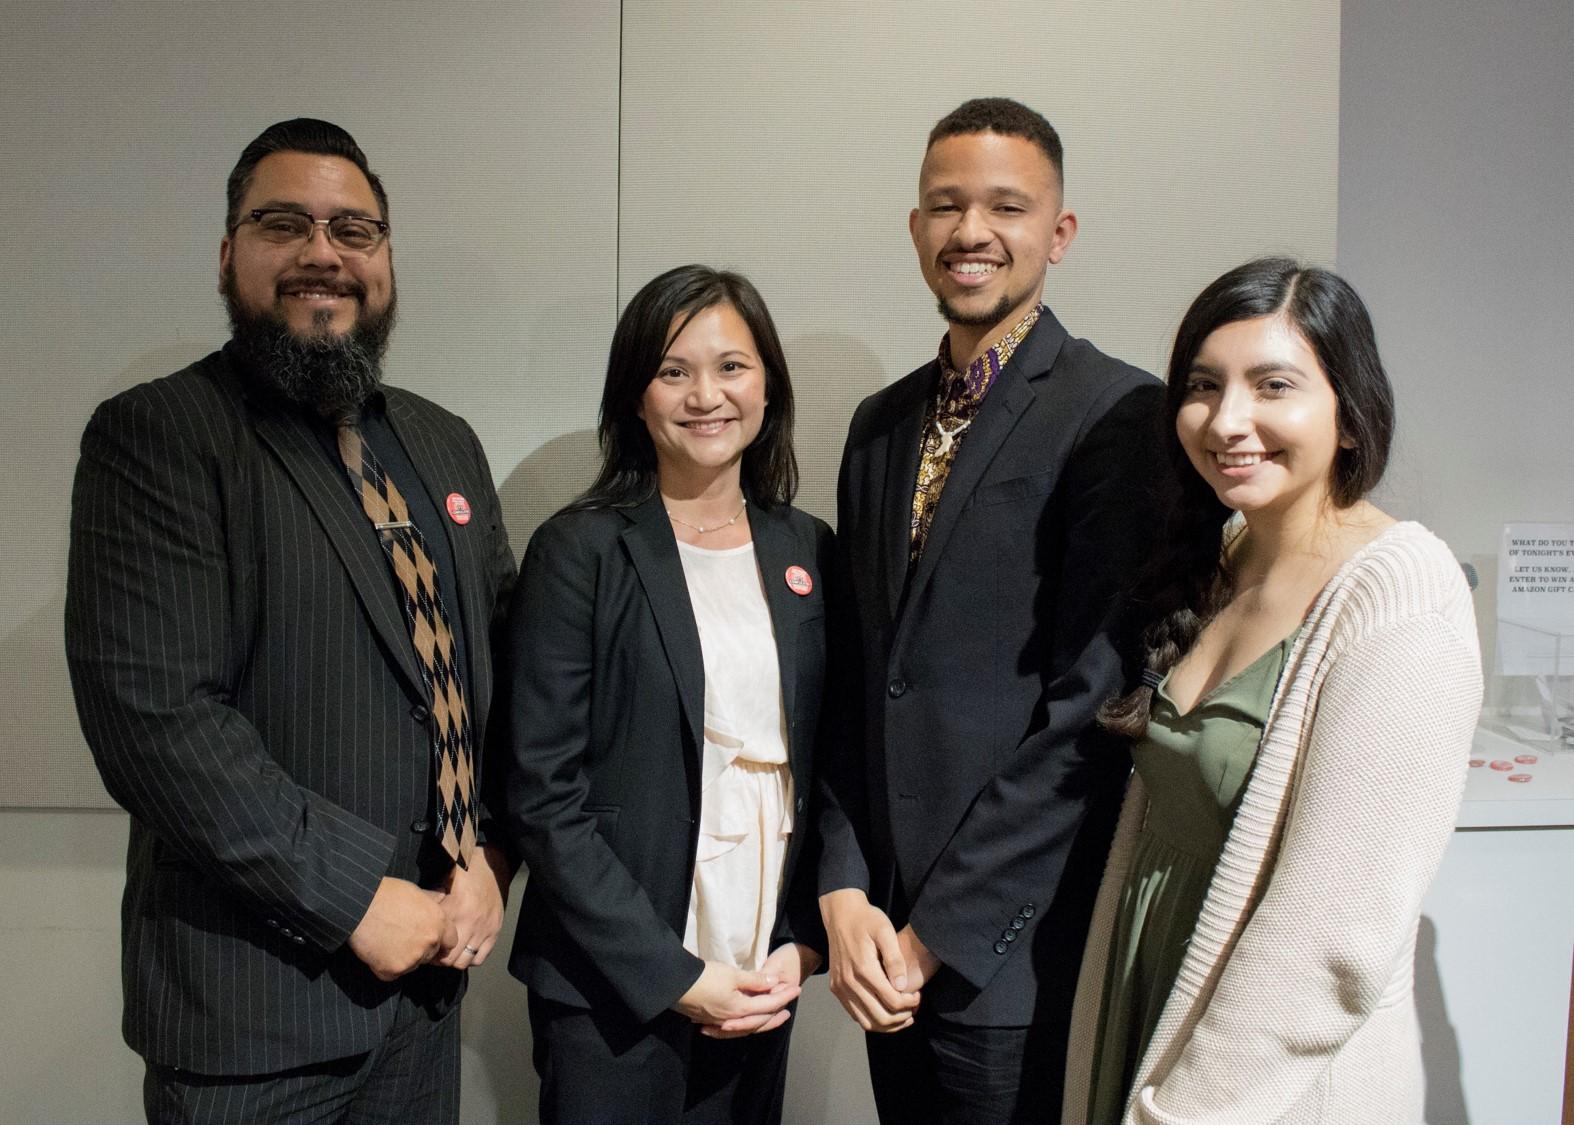 LMU Speaks 2019 storytellers